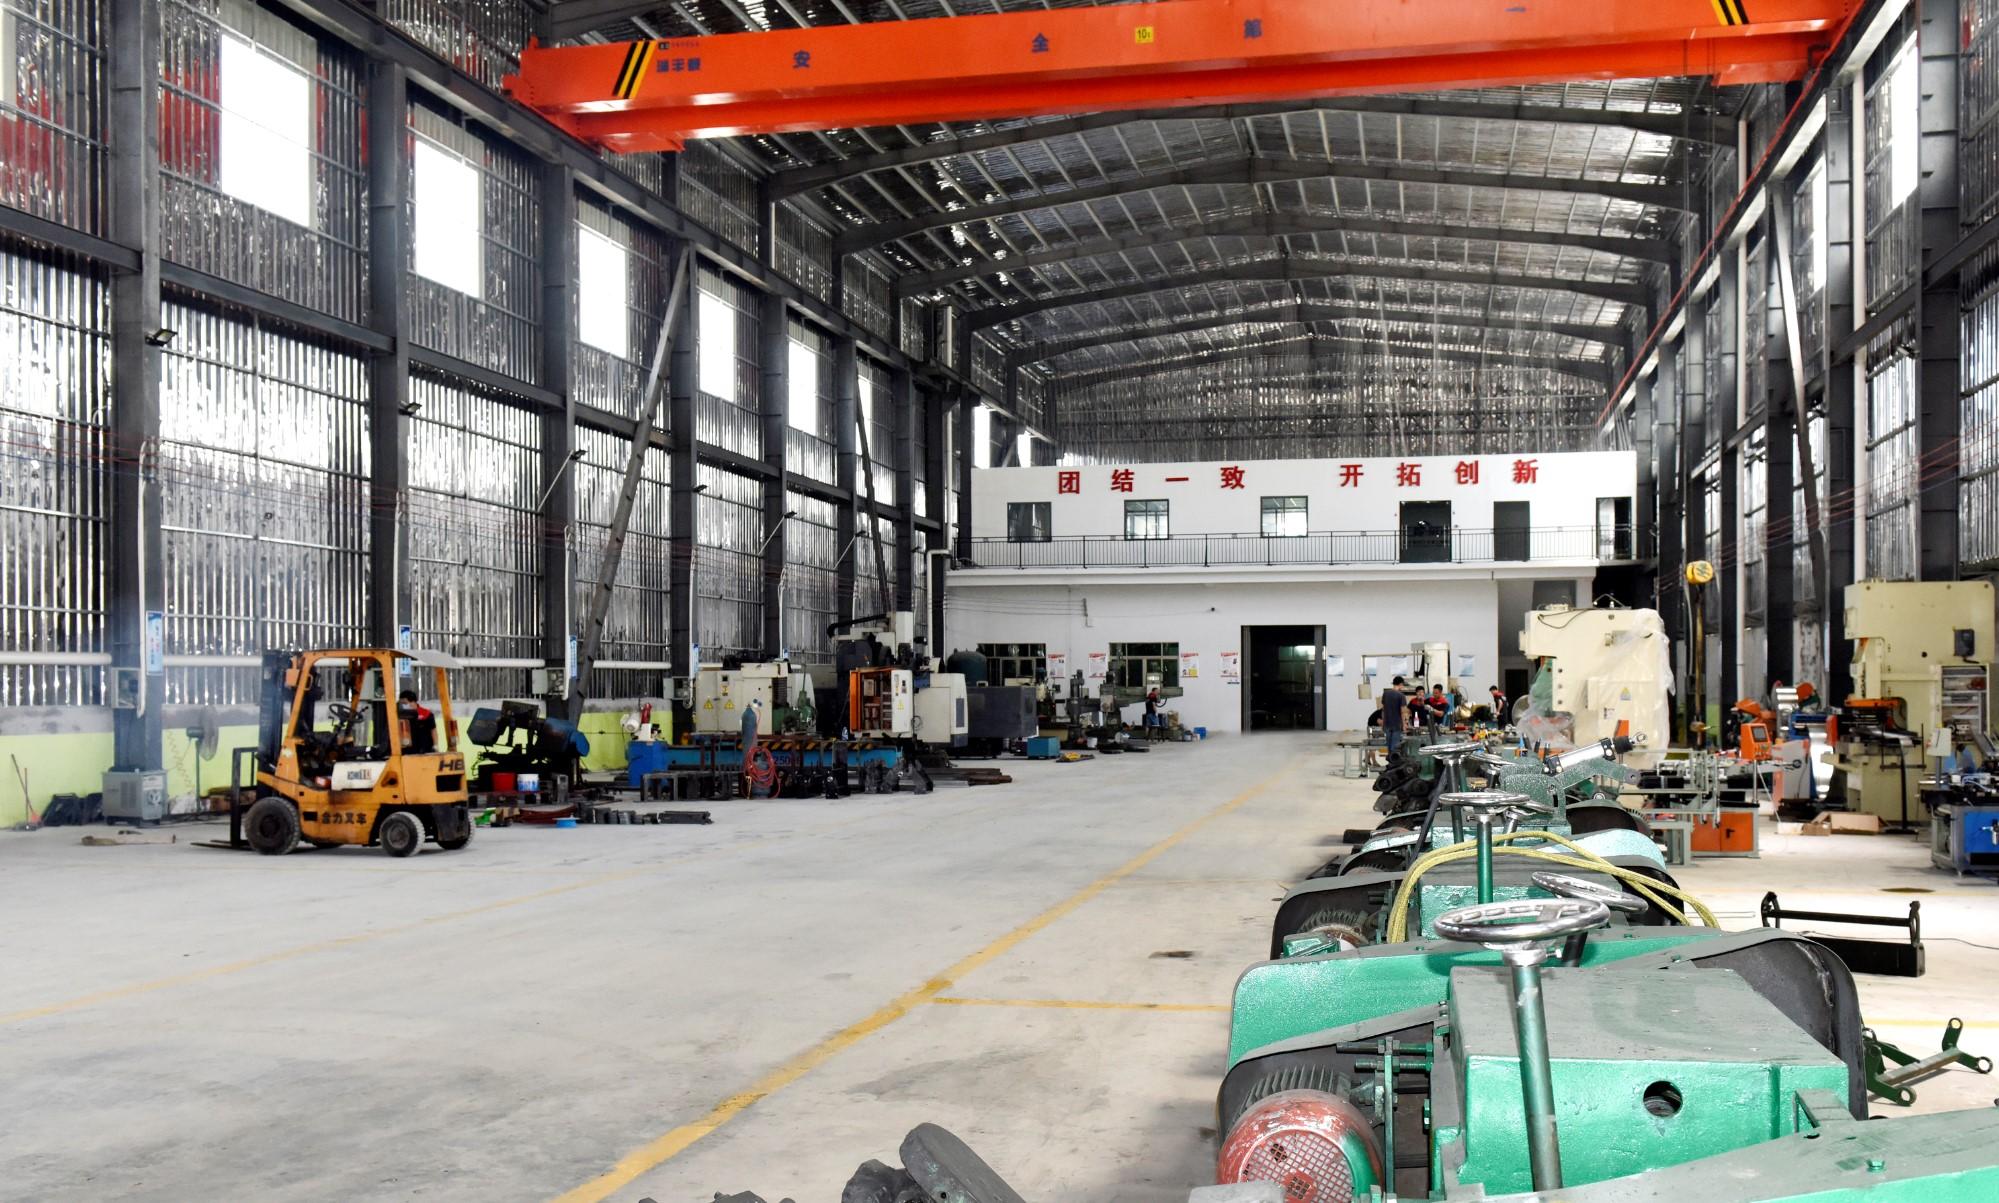 Tienda de fabricación